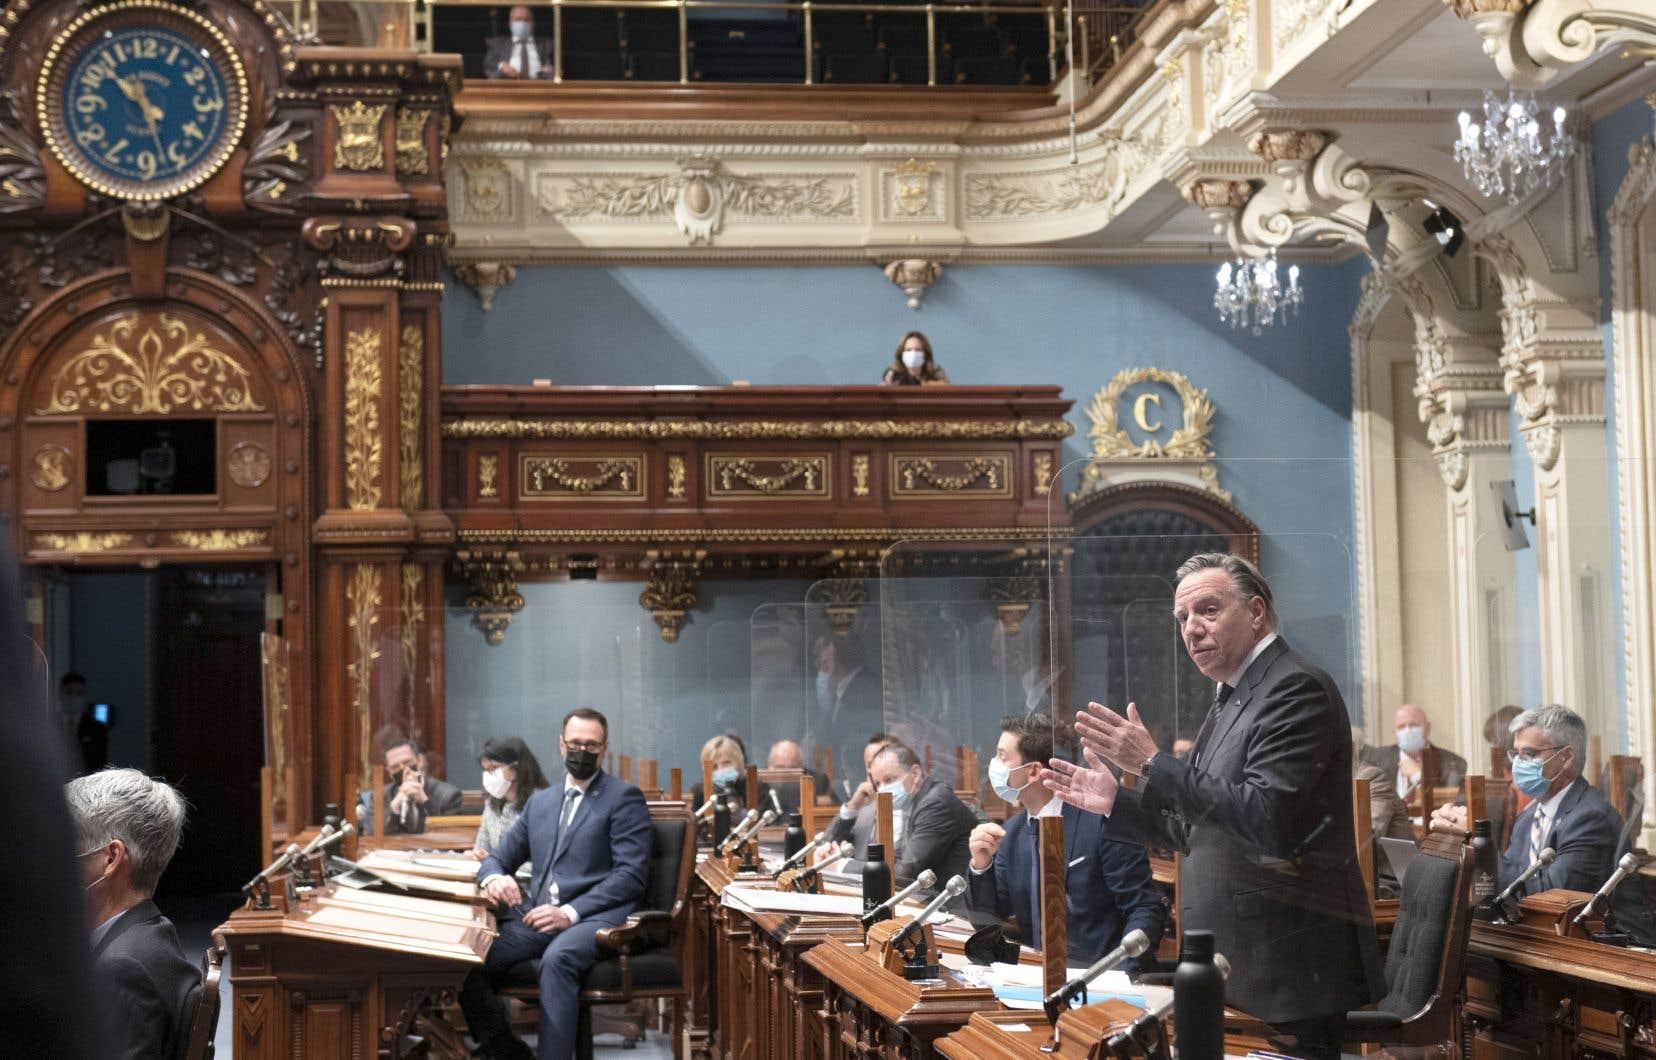 François Legault demandera la prorogation du parlement la semaine prochaine et prononcera un discours d'ouverture le 19 octobre pour présenter les nouvelles priorités du gouvernement.